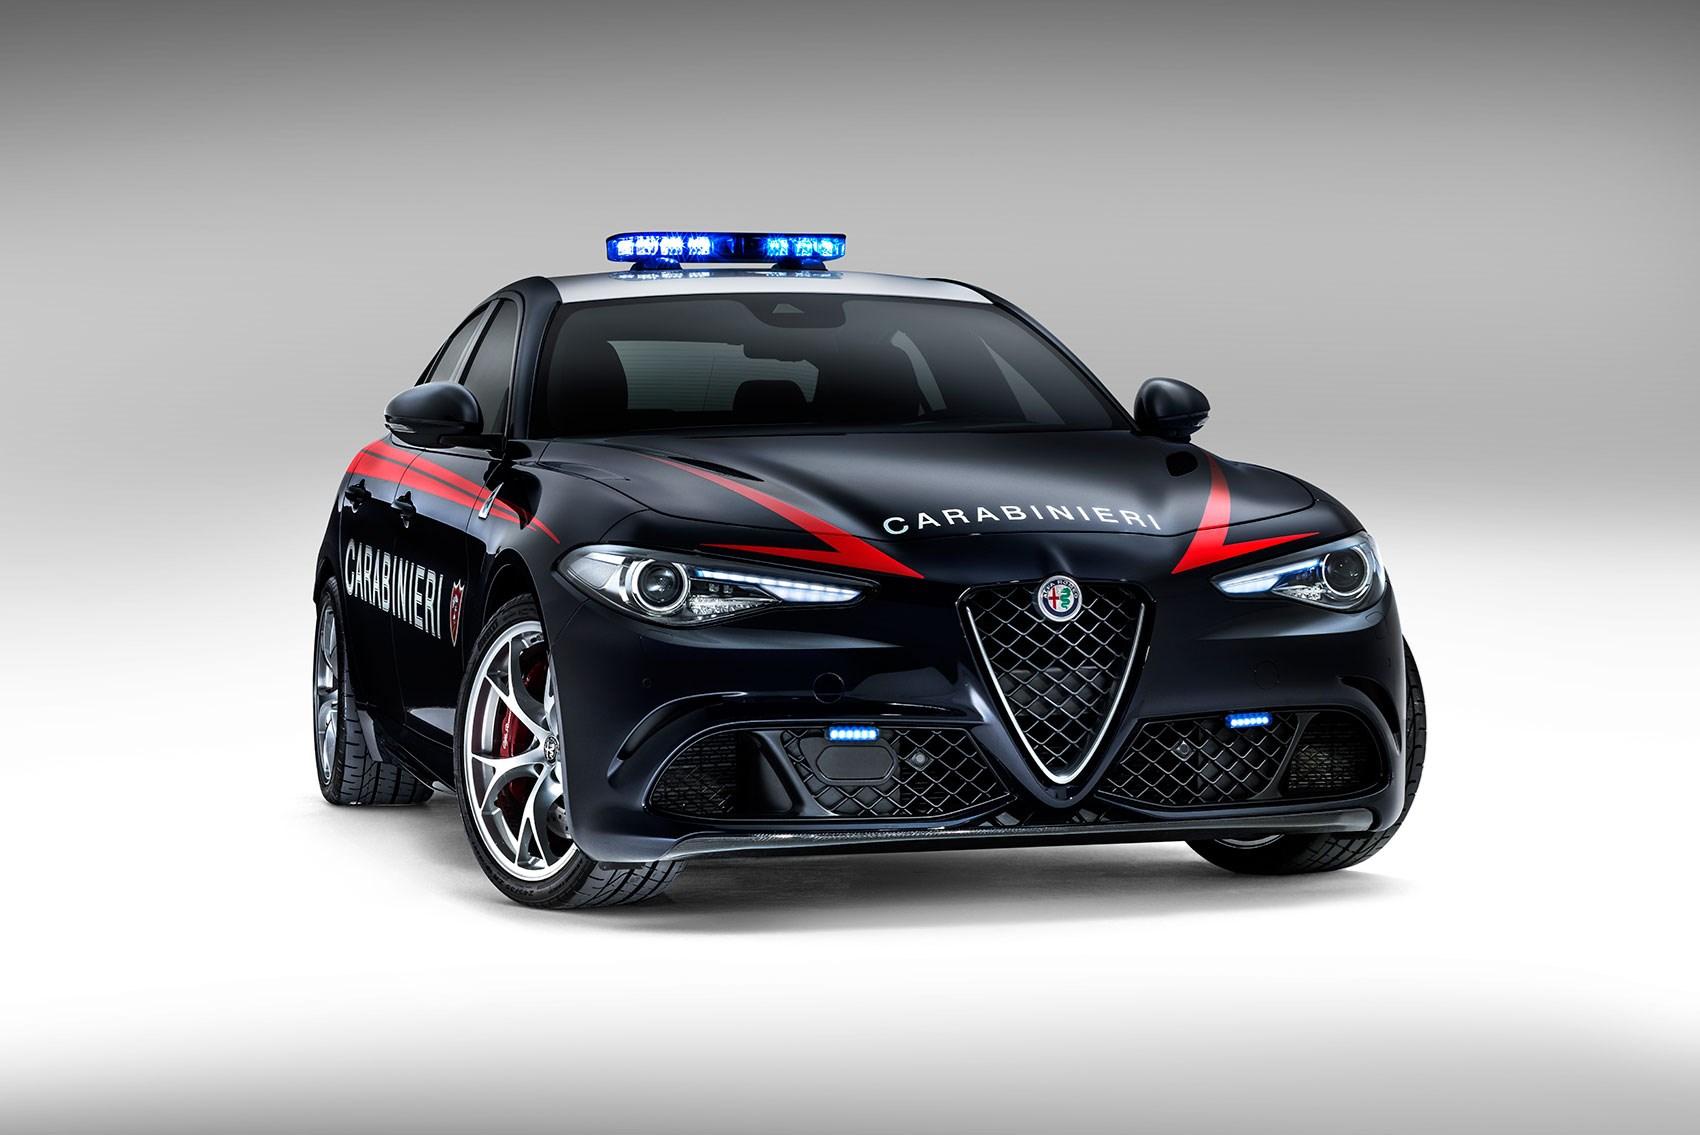 Новите патрулки в Италия вдигат 100 км/ч за 3.9 секунди